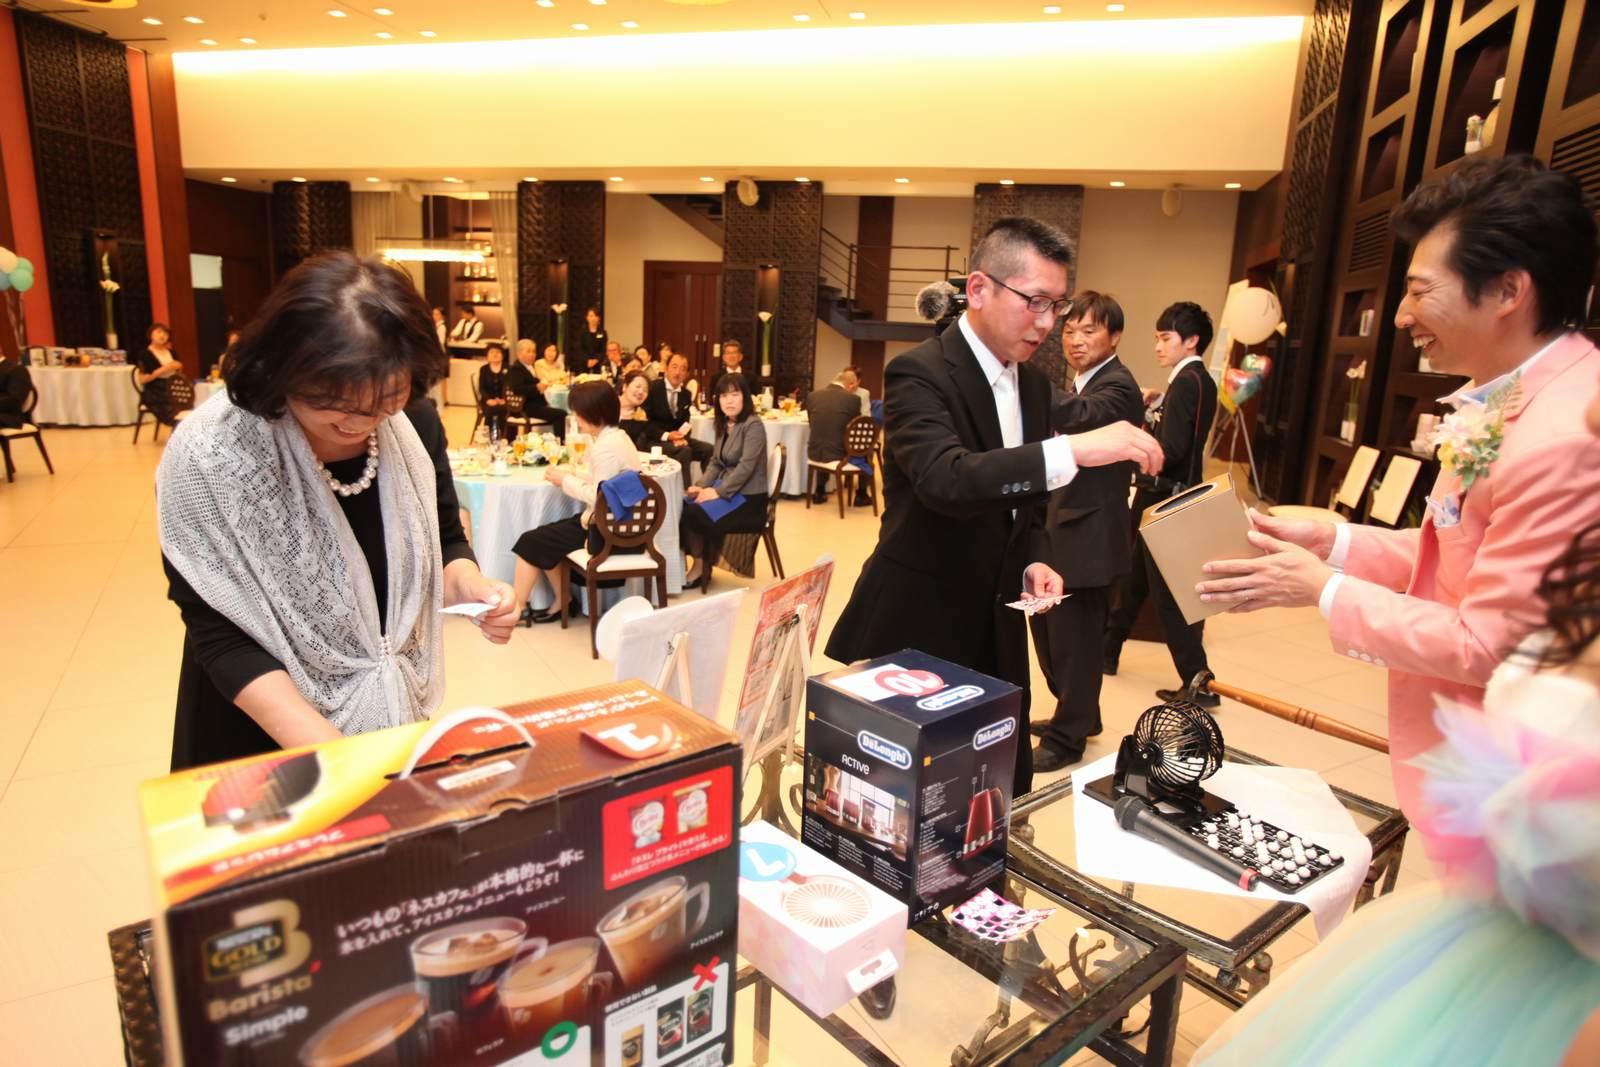 徳島市の結婚式場ブランアンジュのビンゴゲーム大会はたくさんの景品がありました